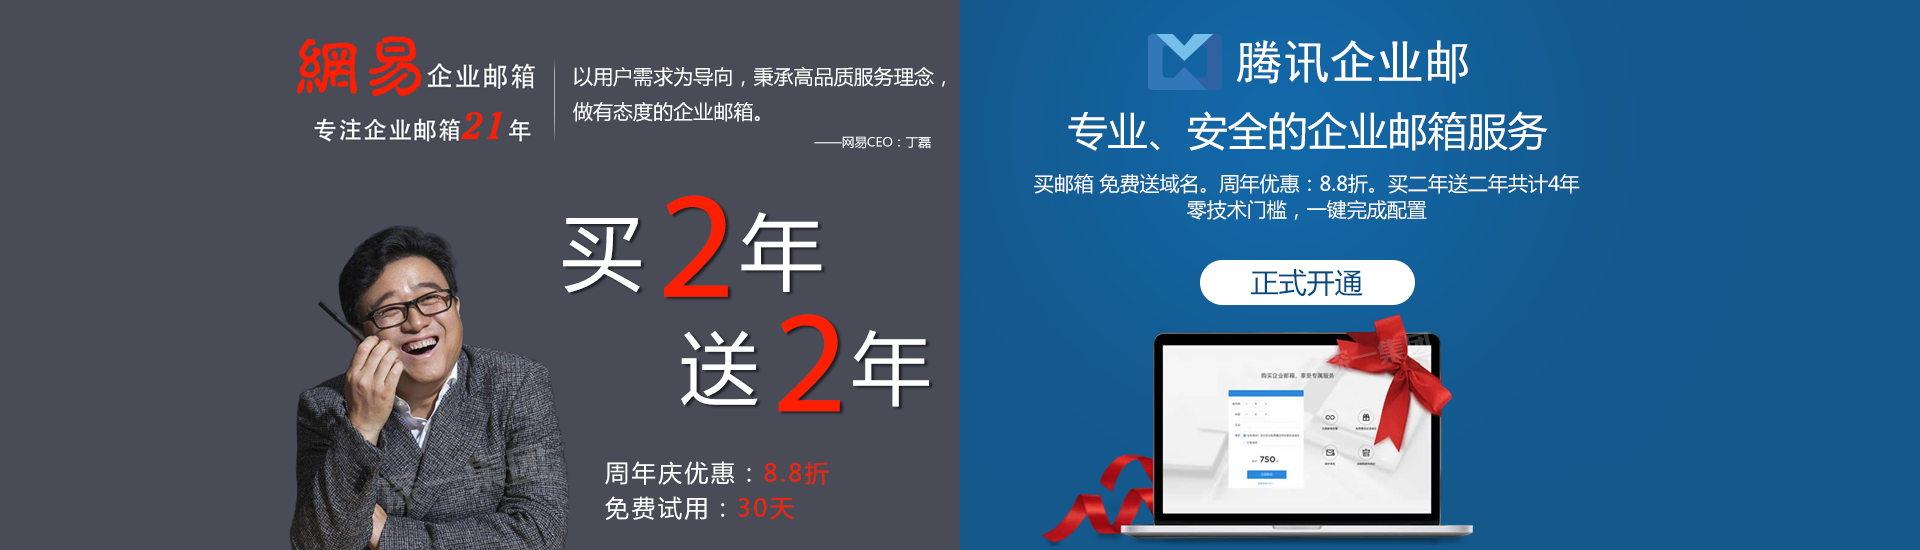 深圳网易企业邮箱